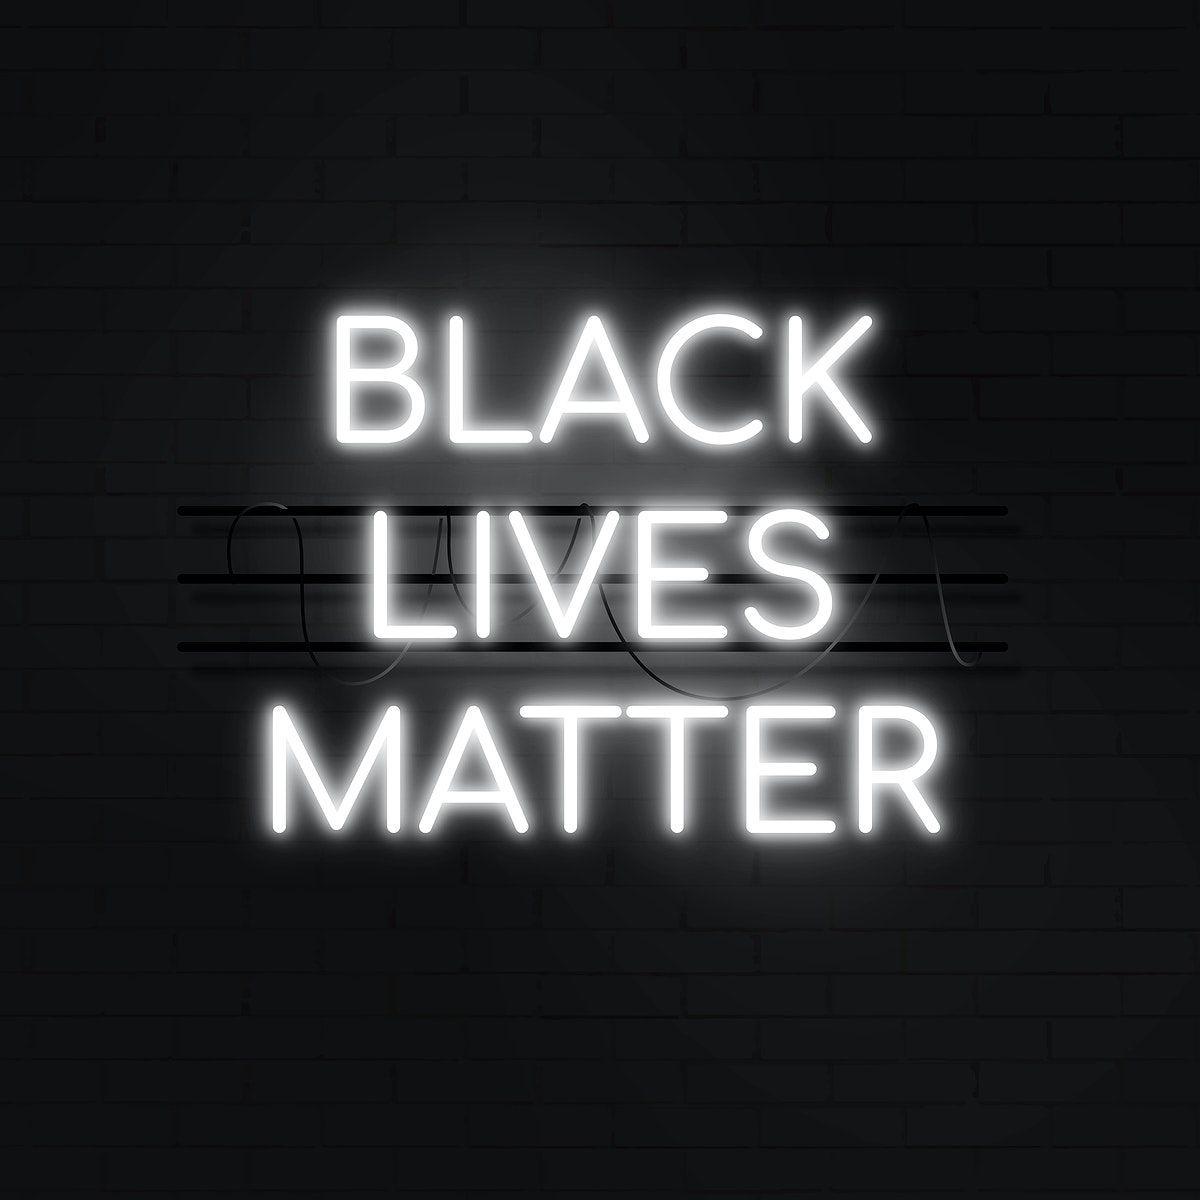 Black Lives Matter Aesthetic Wallpapers ...